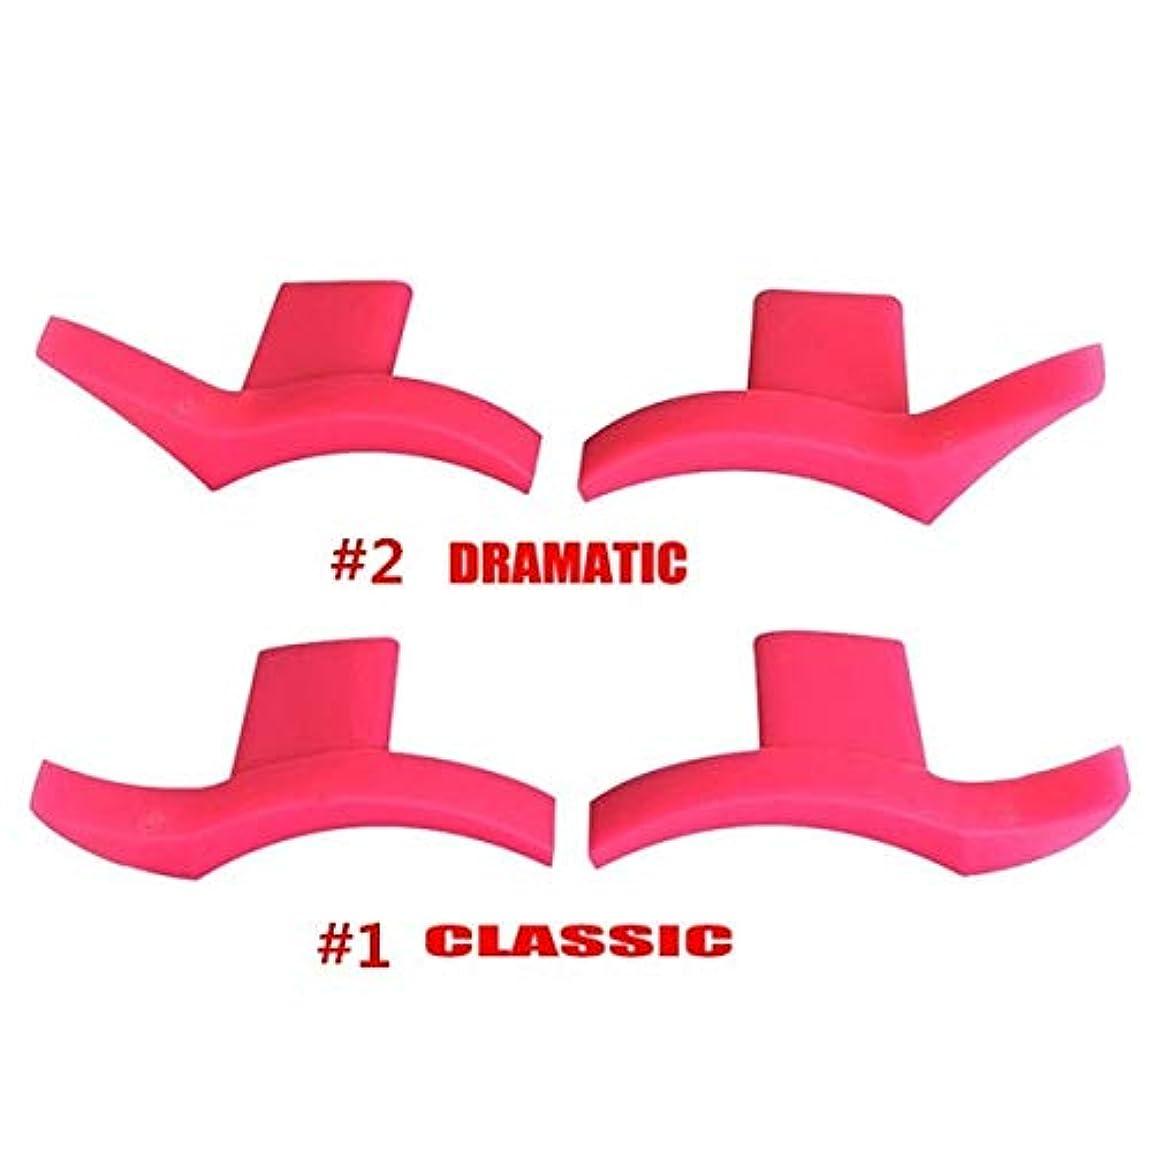 オペラしてはいけません試すSemperole - 4本アイライナー金型翼は目ウィングリキッドアイライナーツール美容ポータブル化粧品[劇的+クラシック]を着やすいスタンプシール